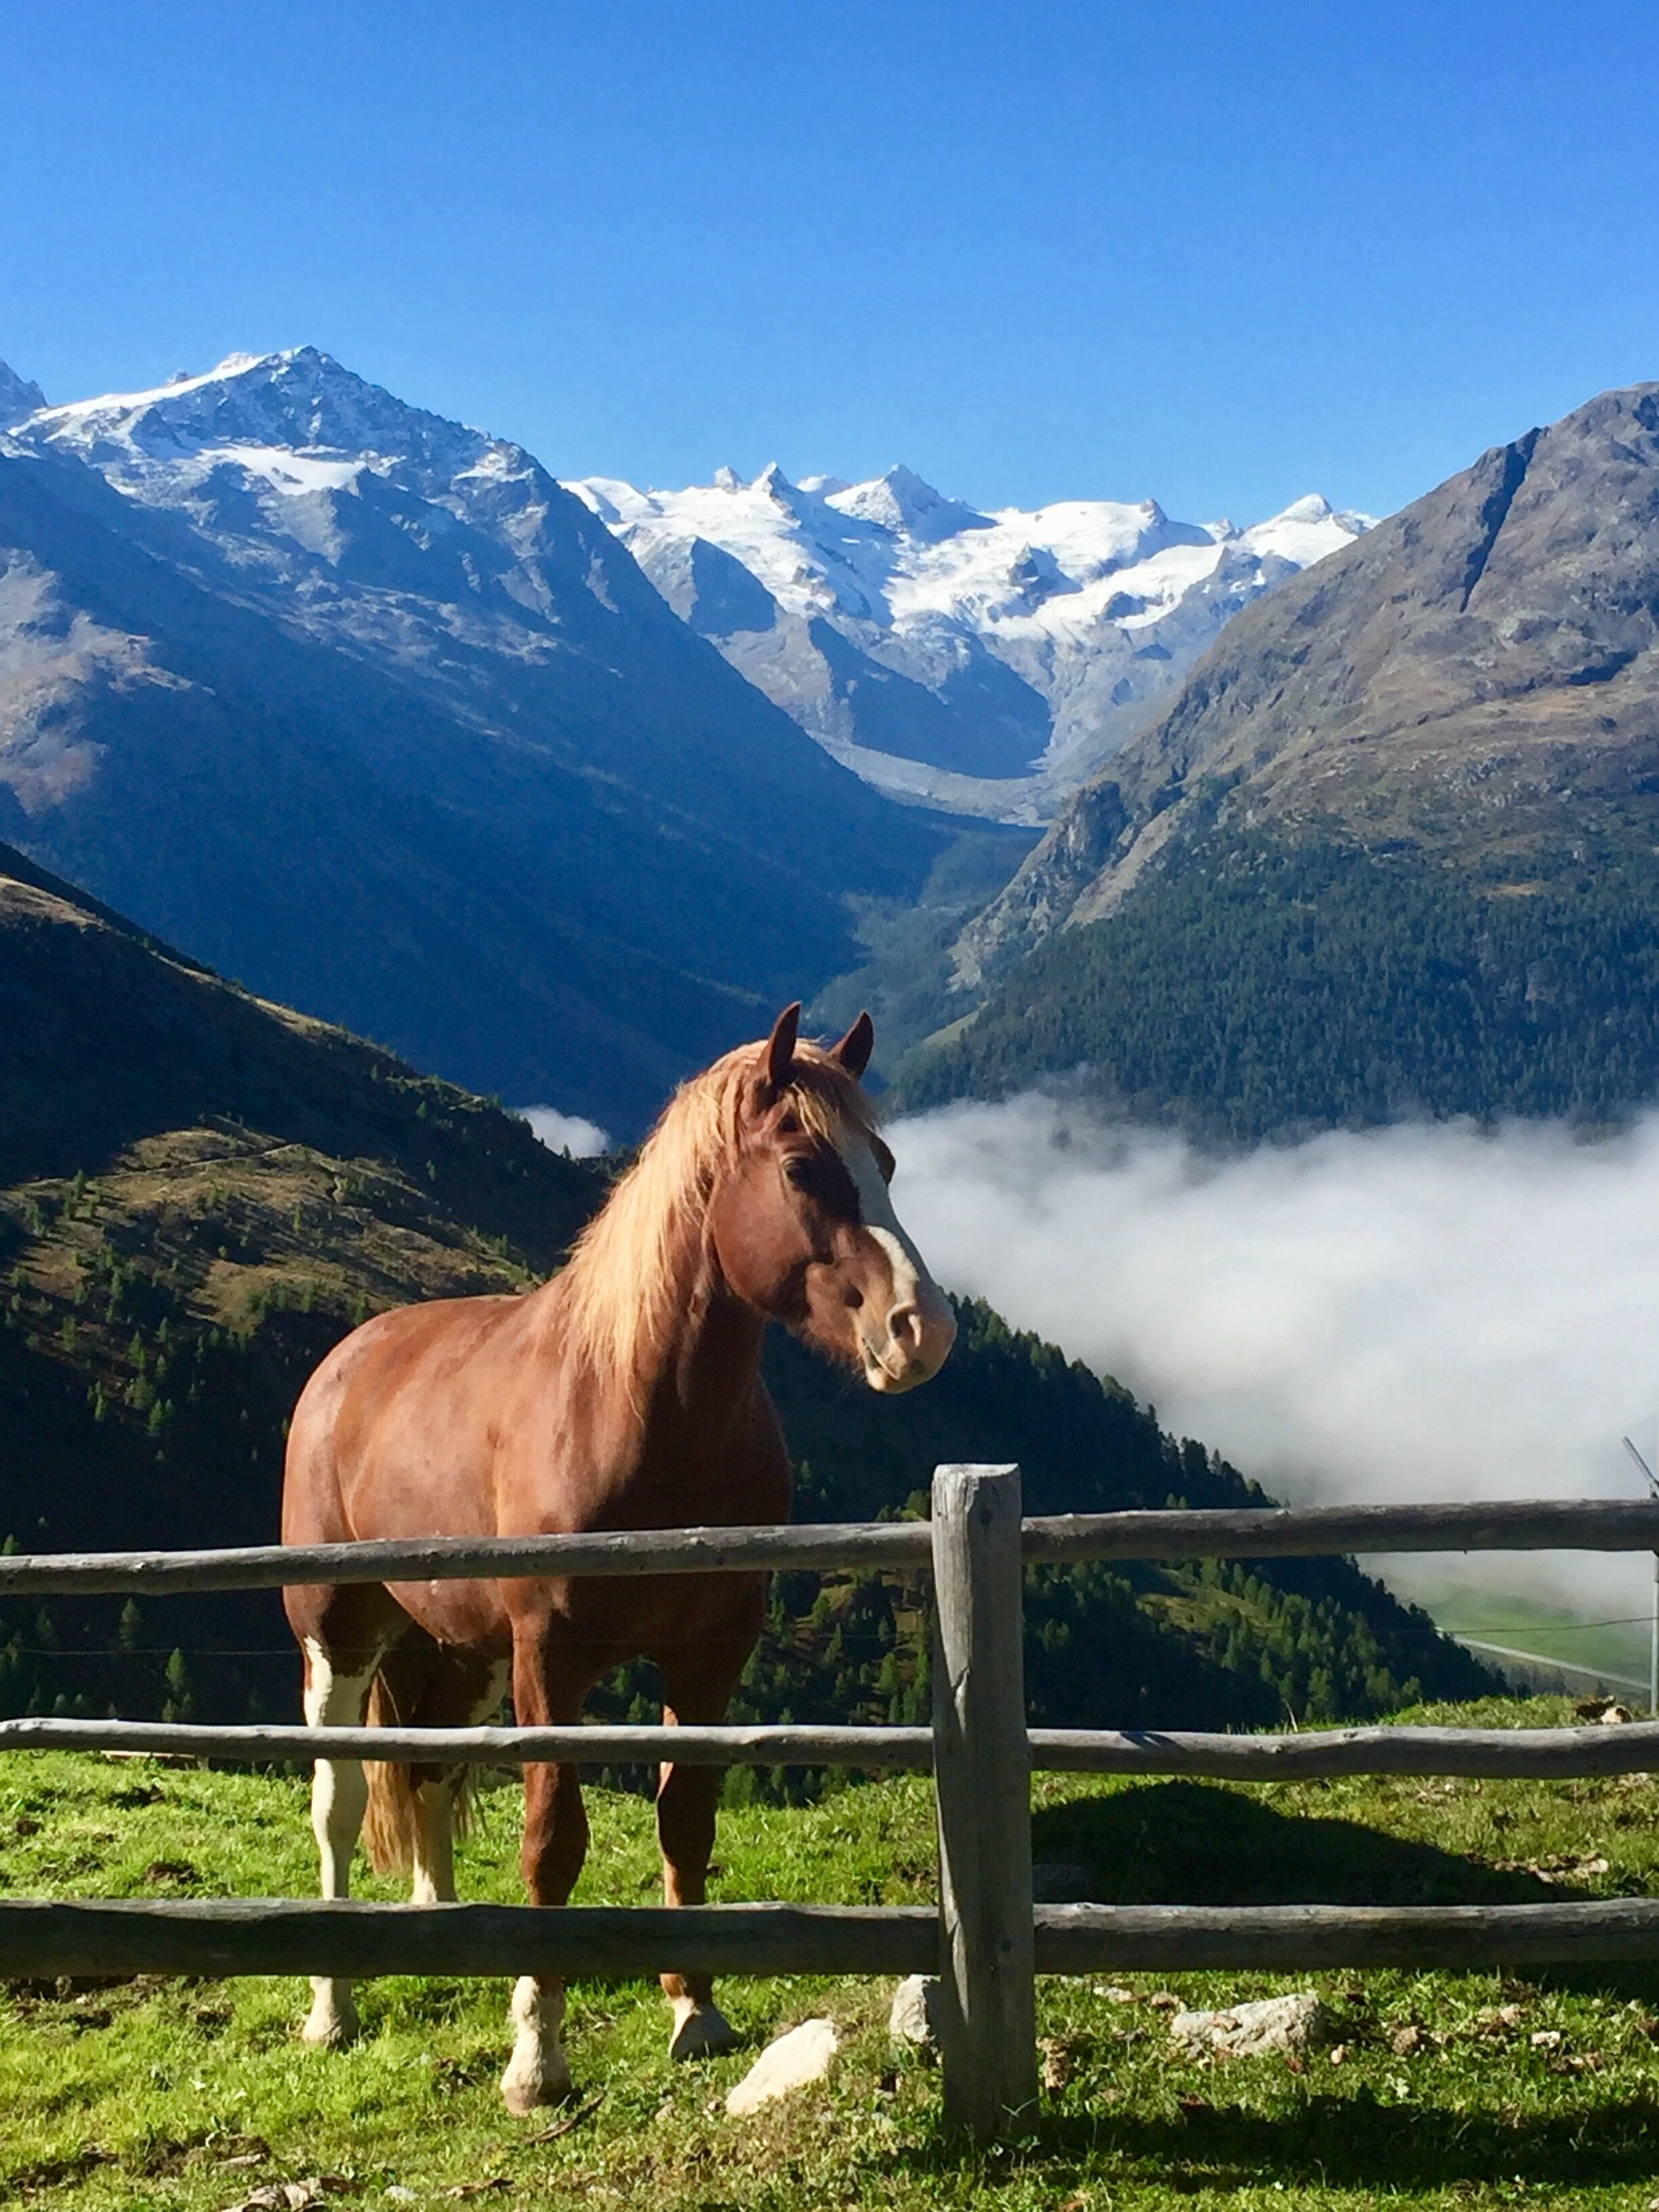 Alp Muottas / Tegia da Muottas Slide 1